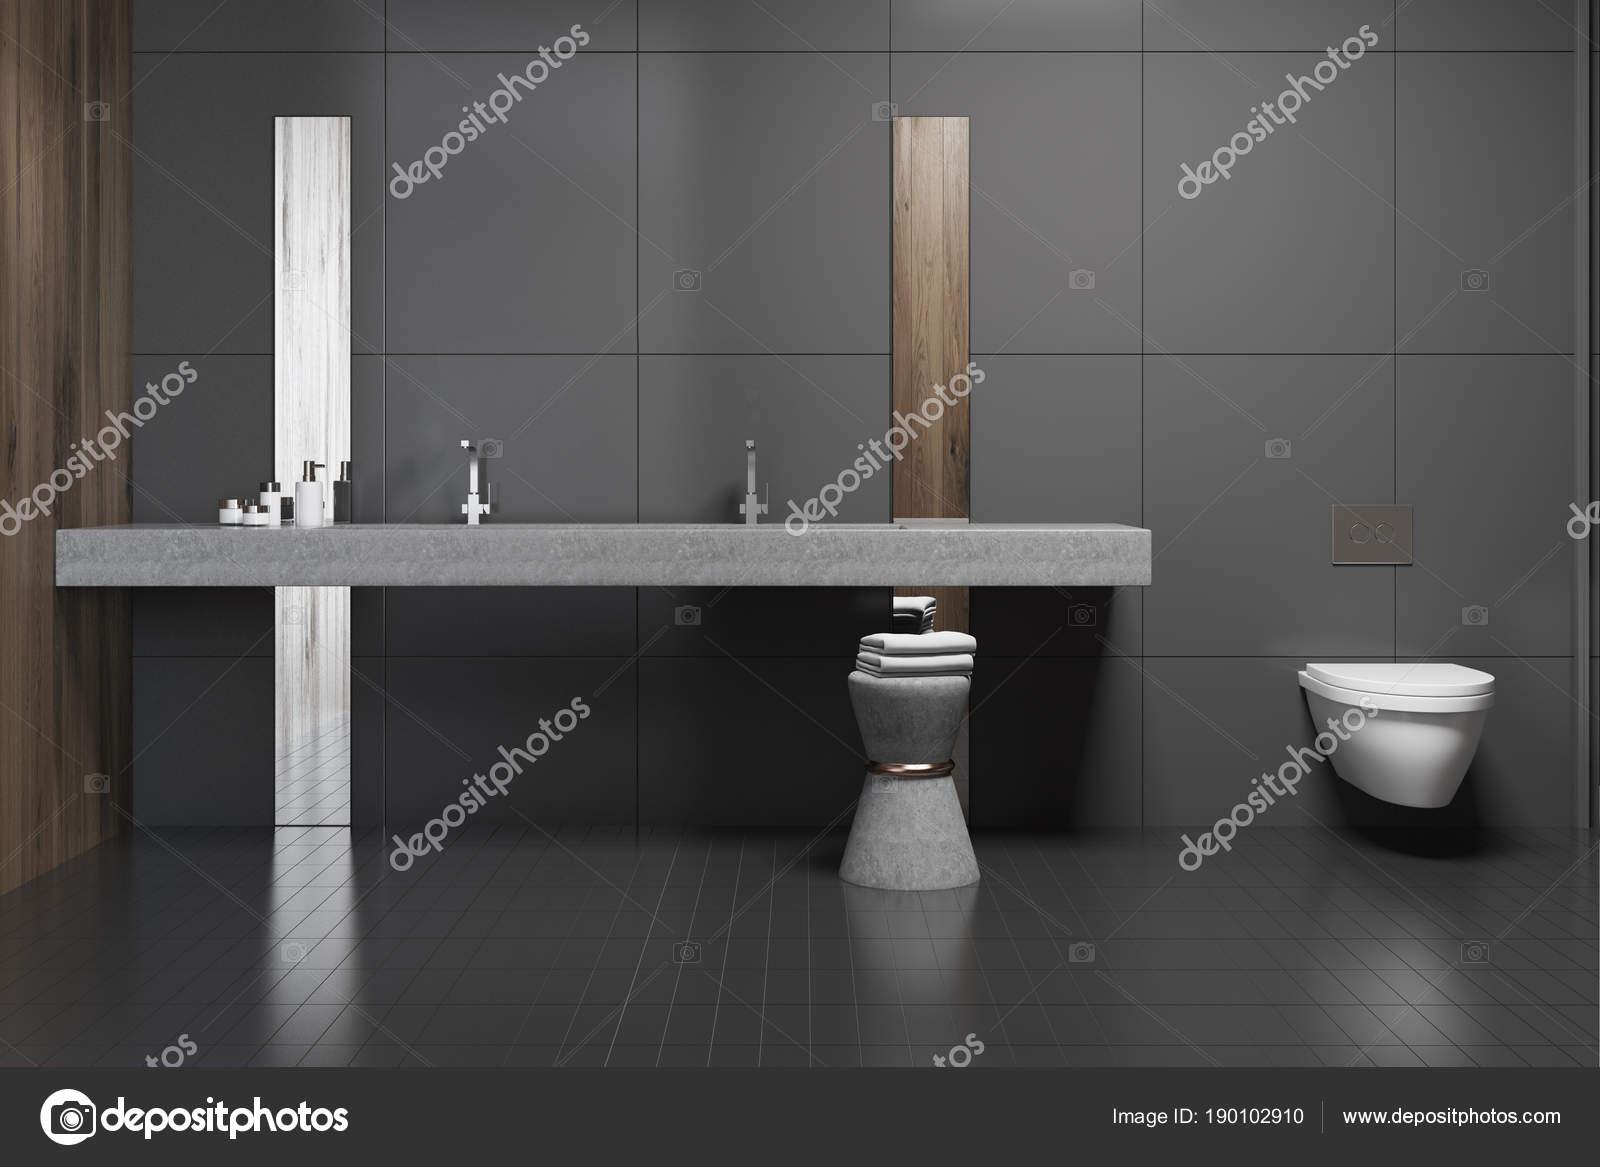 schwarz bad interieur, doppelte waschbecken und toilette — stockfoto